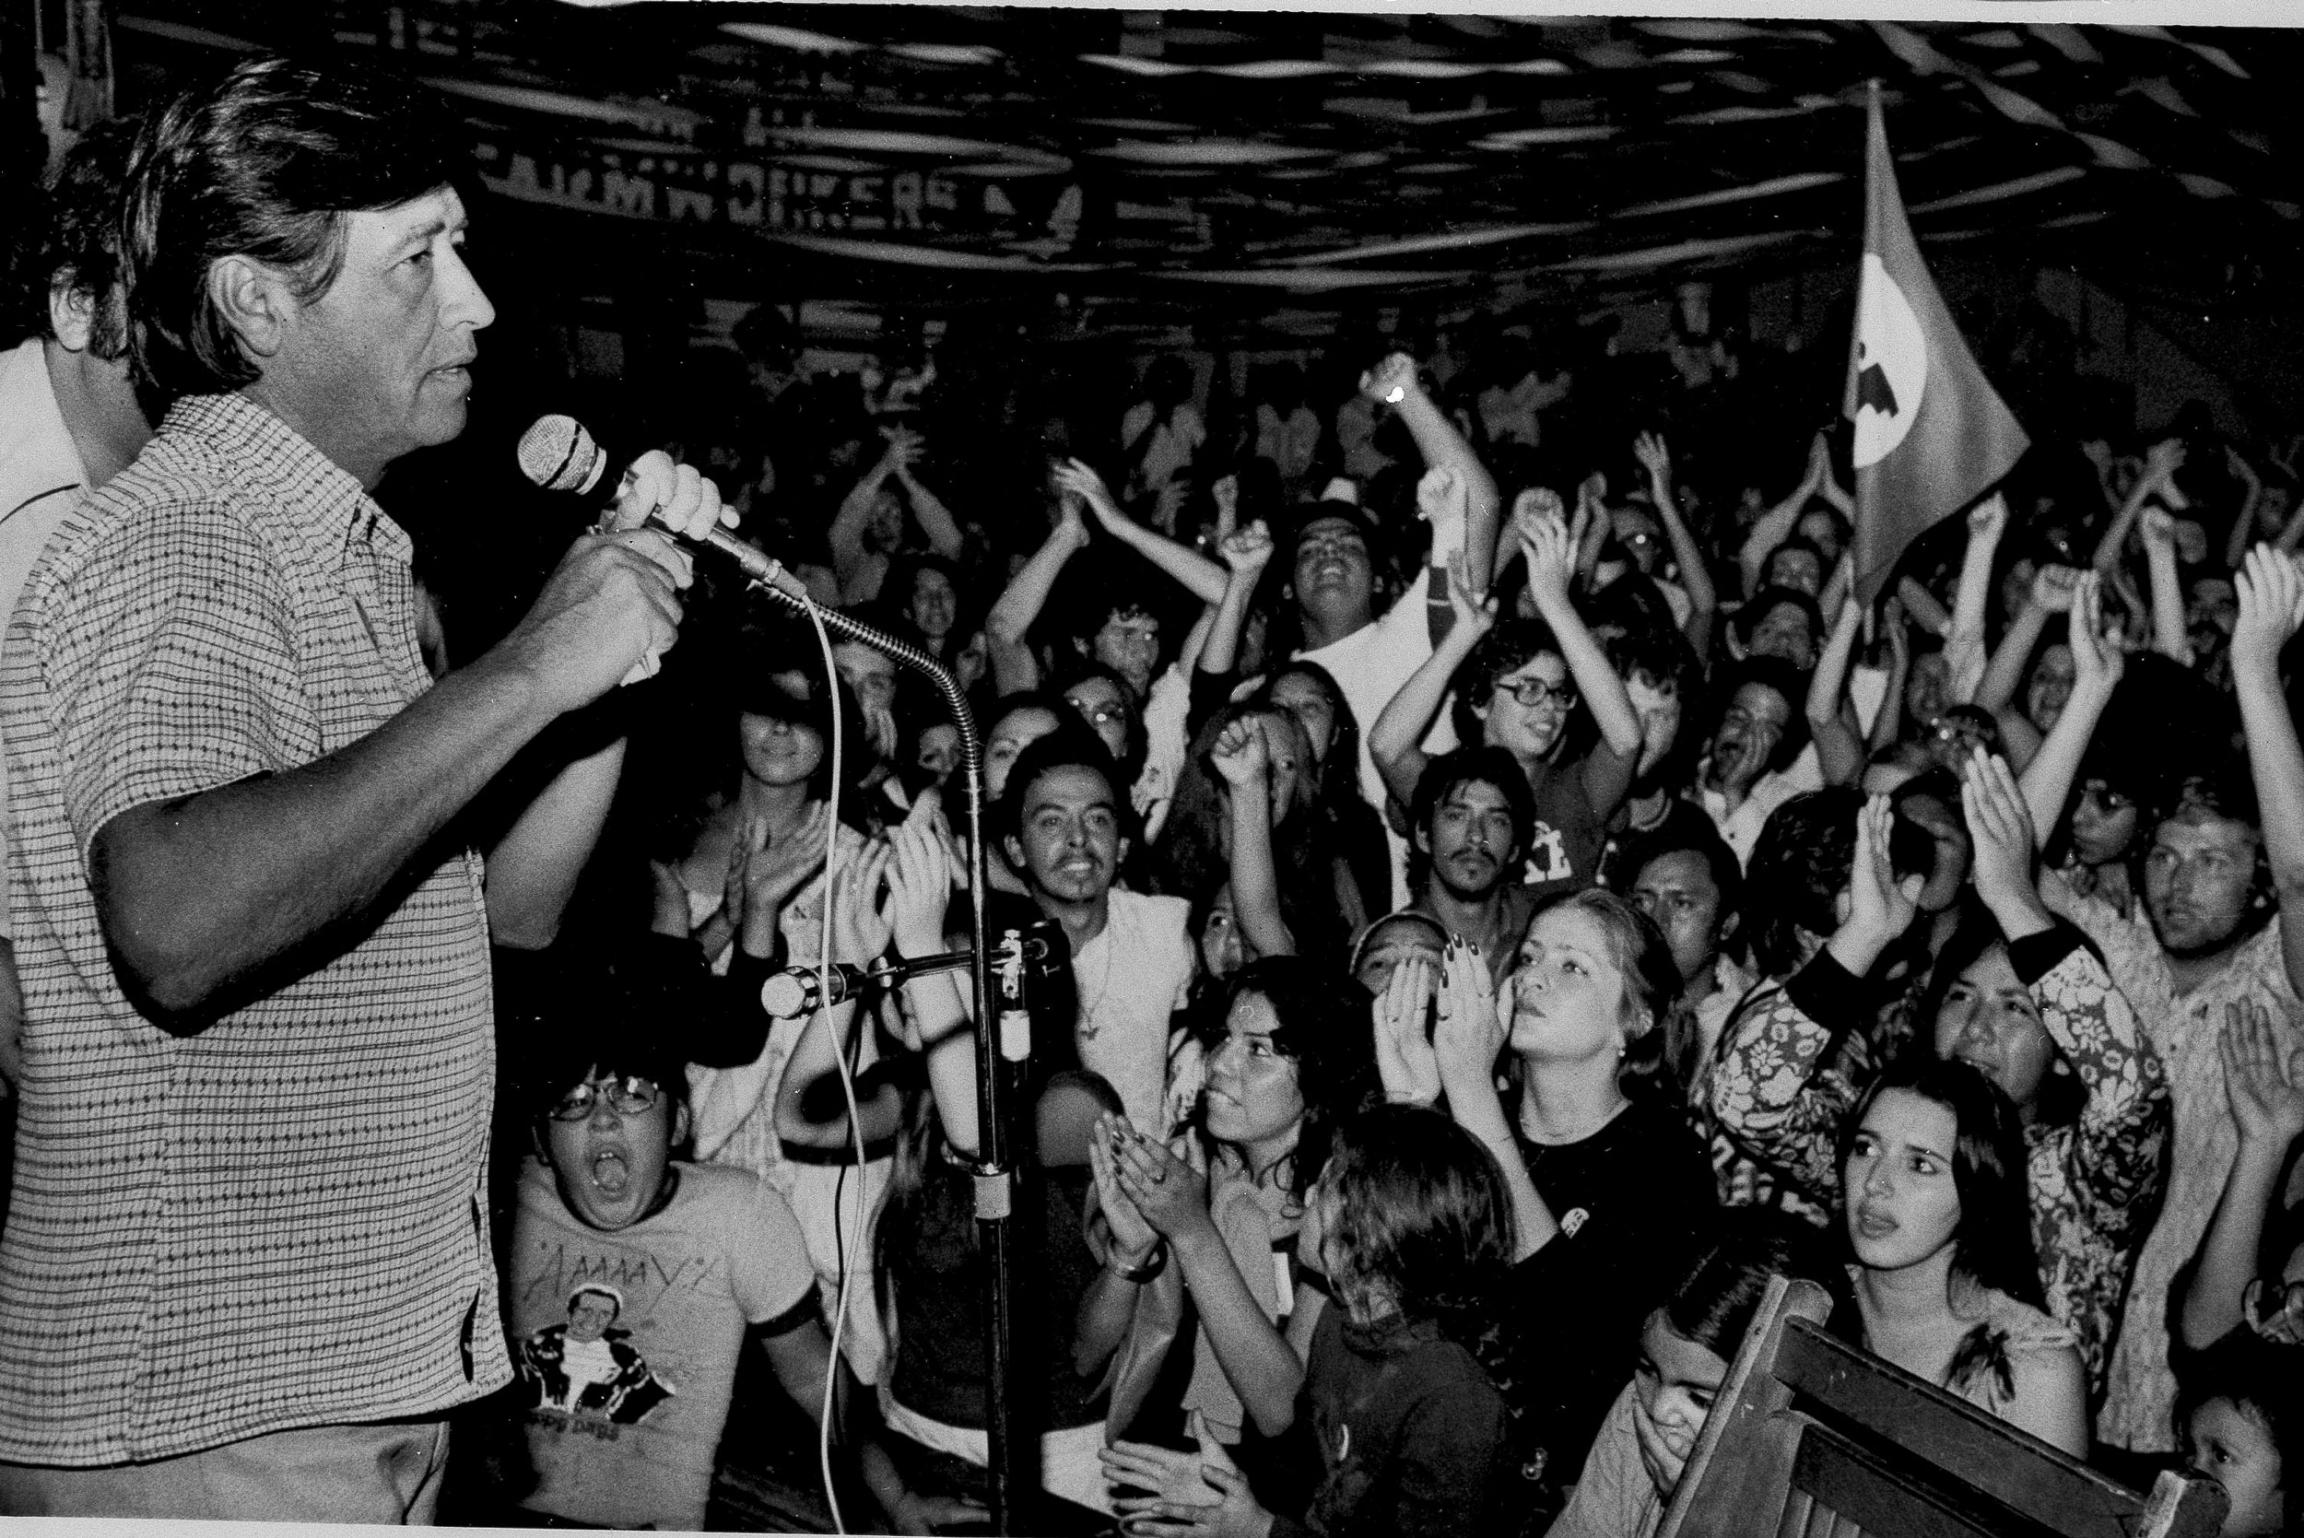 Una fotografia de Cesar Chavez hablando en frente a un grupo de personas.